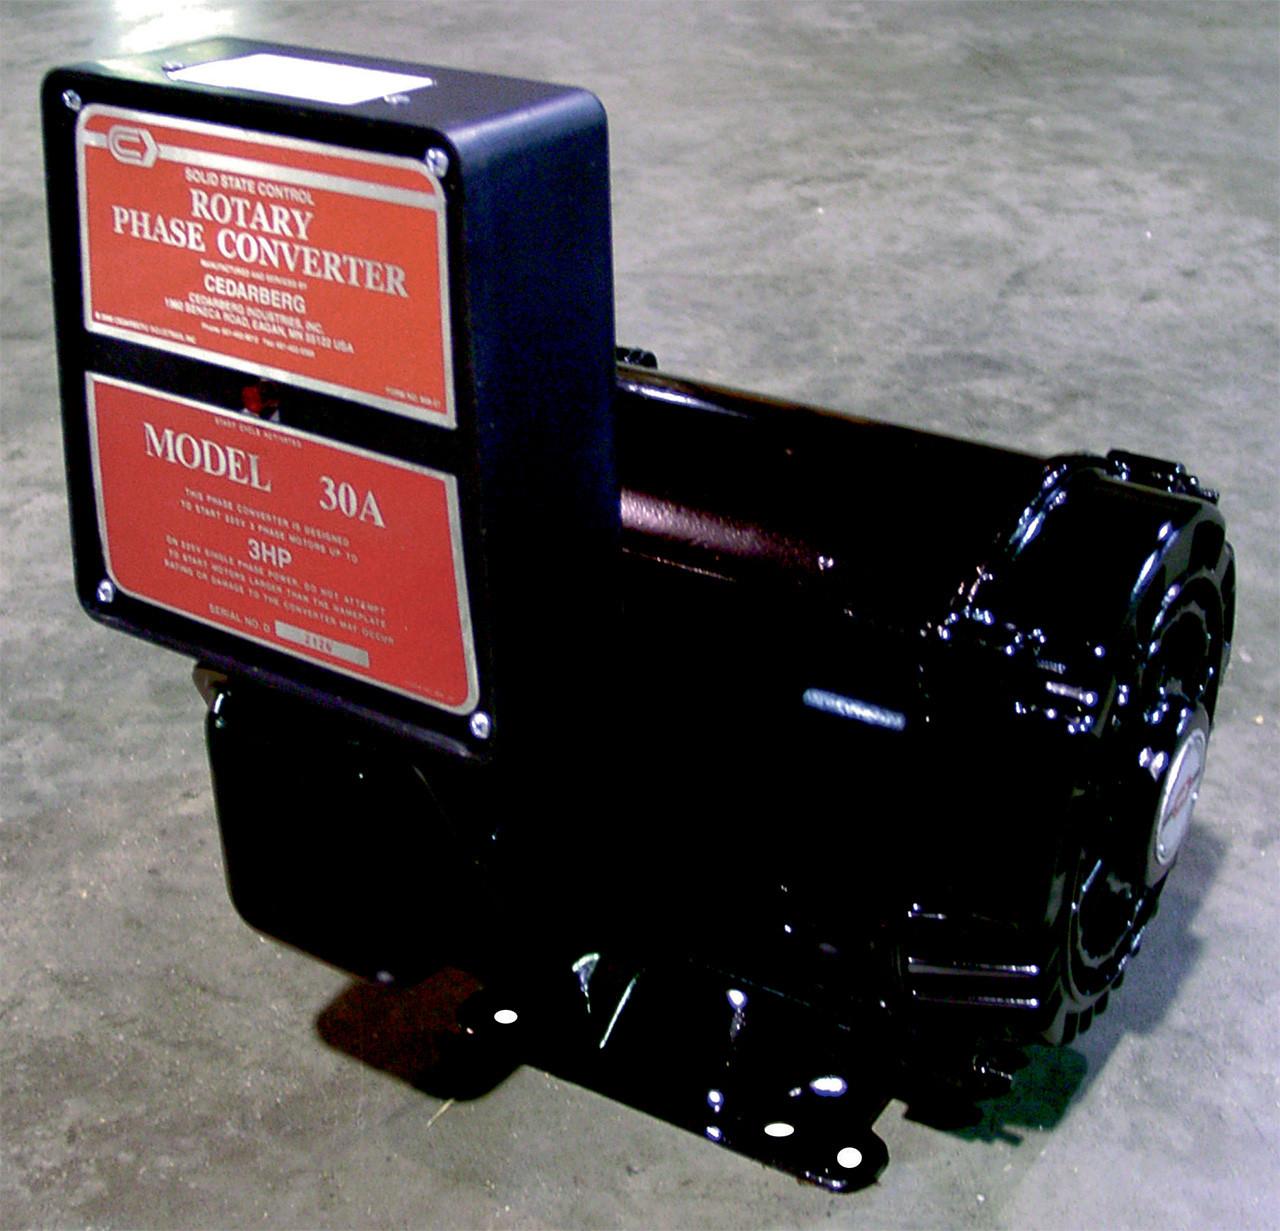 Cederberg Standard Duty Rotary Type Phase Converter, Model